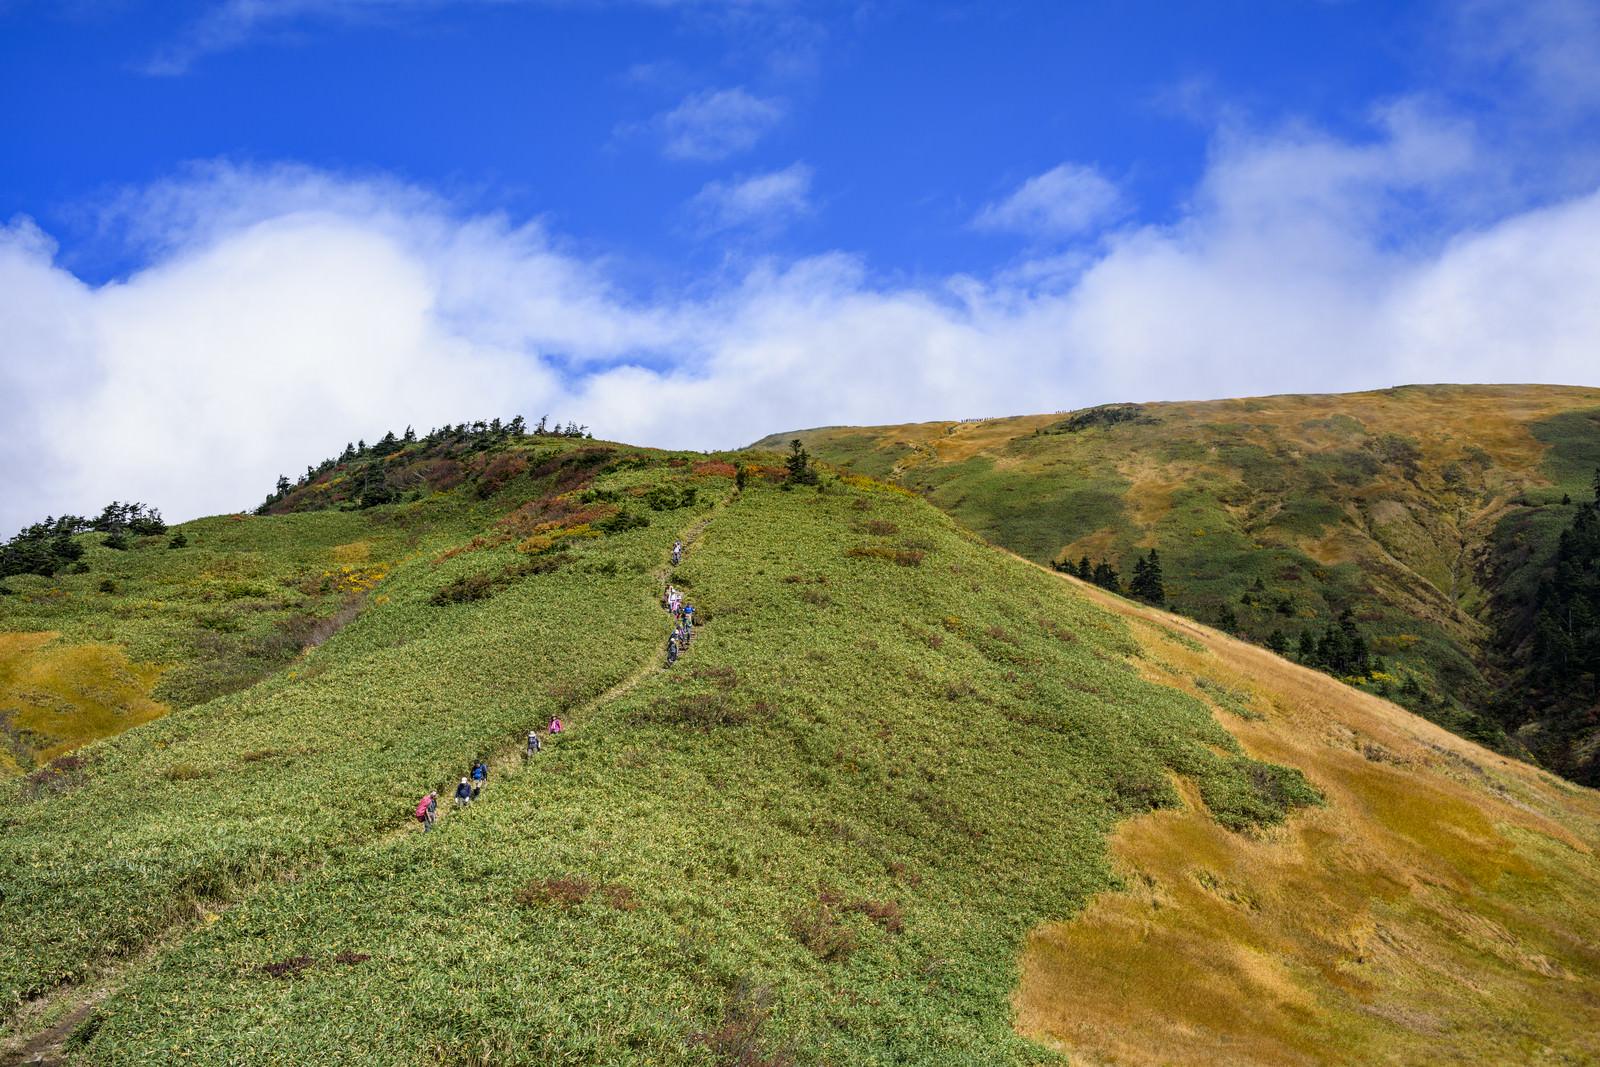 「雲が晴れた巻機山山頂への道」の写真